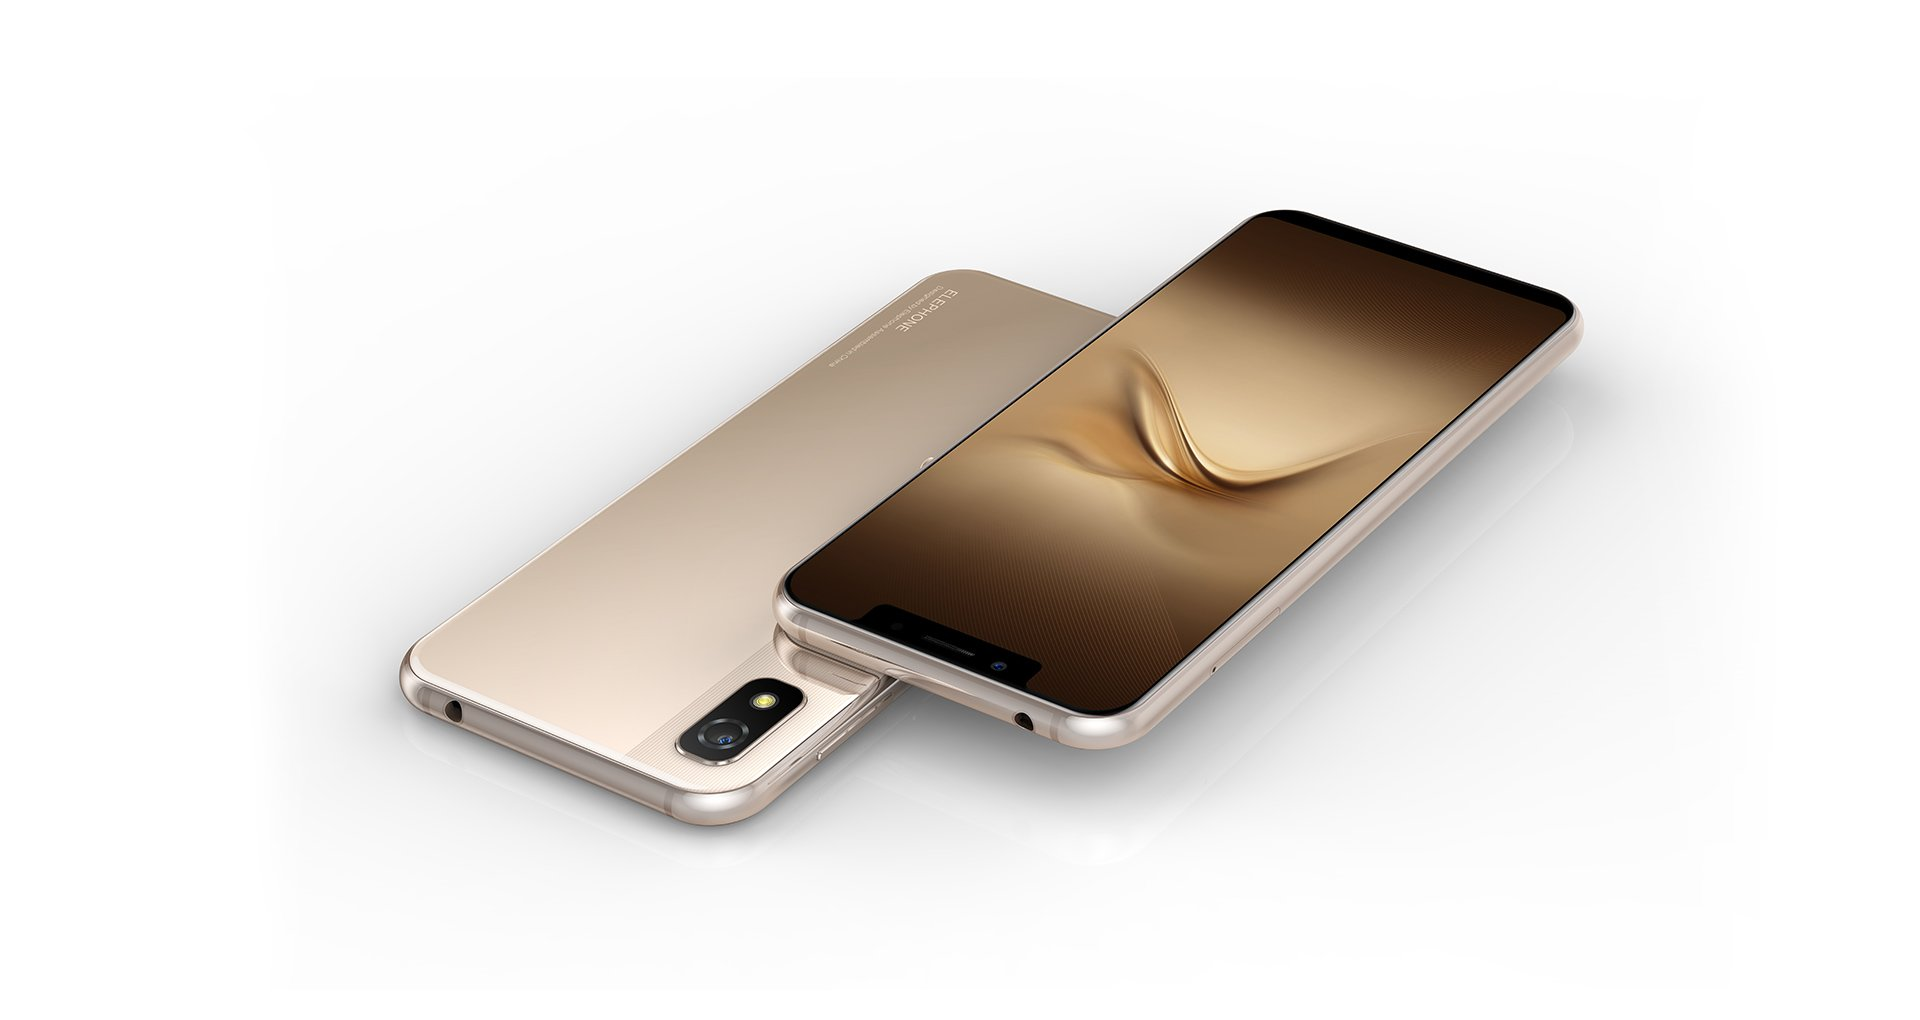 Elephone A4 tylko przypomina iPhone X, ale mimo wszystko jego specyfikacja nie jest taka najgorsza 28